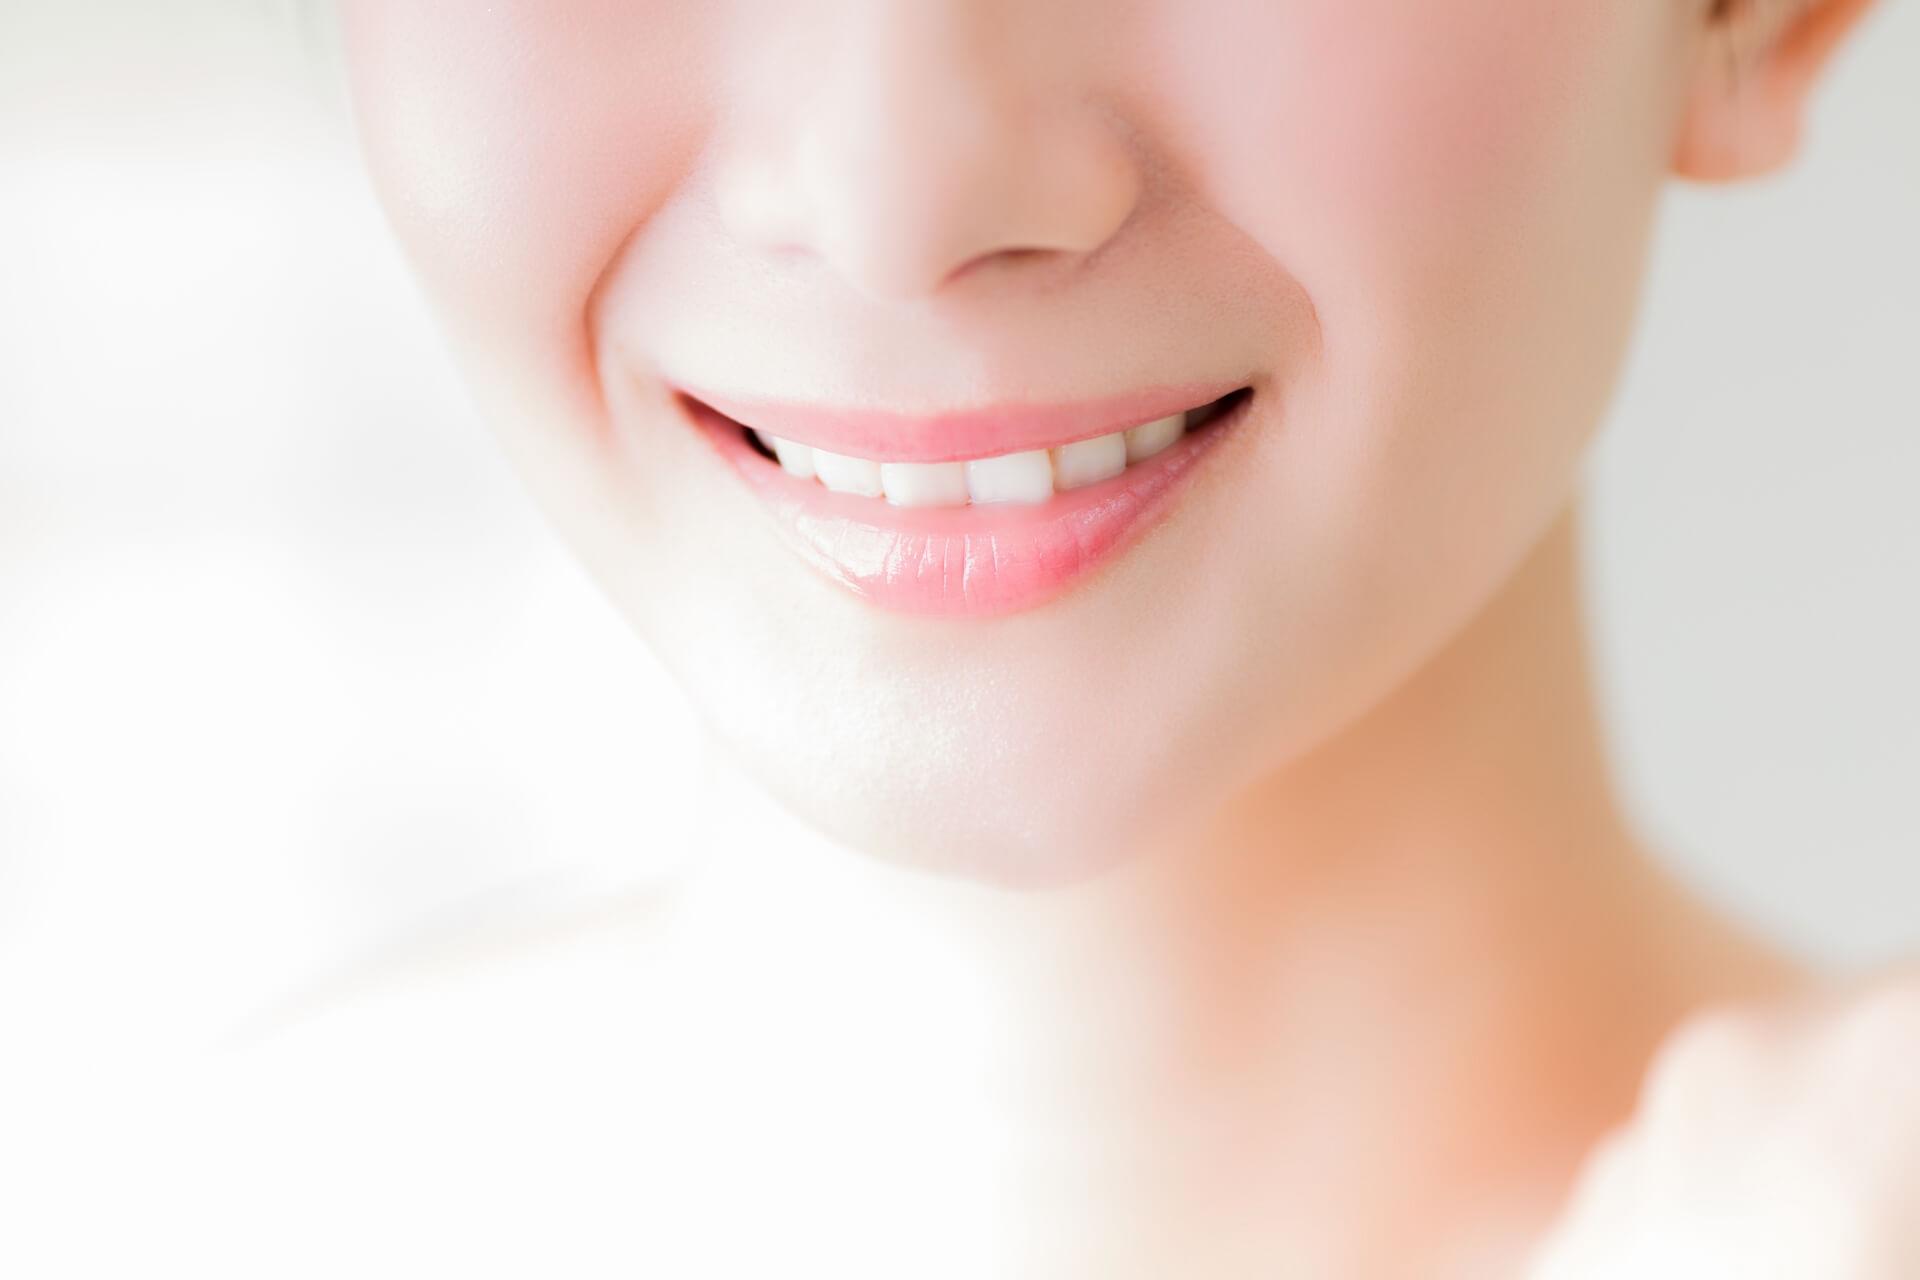 顎の骨の手術で歯並びがきれいになるイメージ図